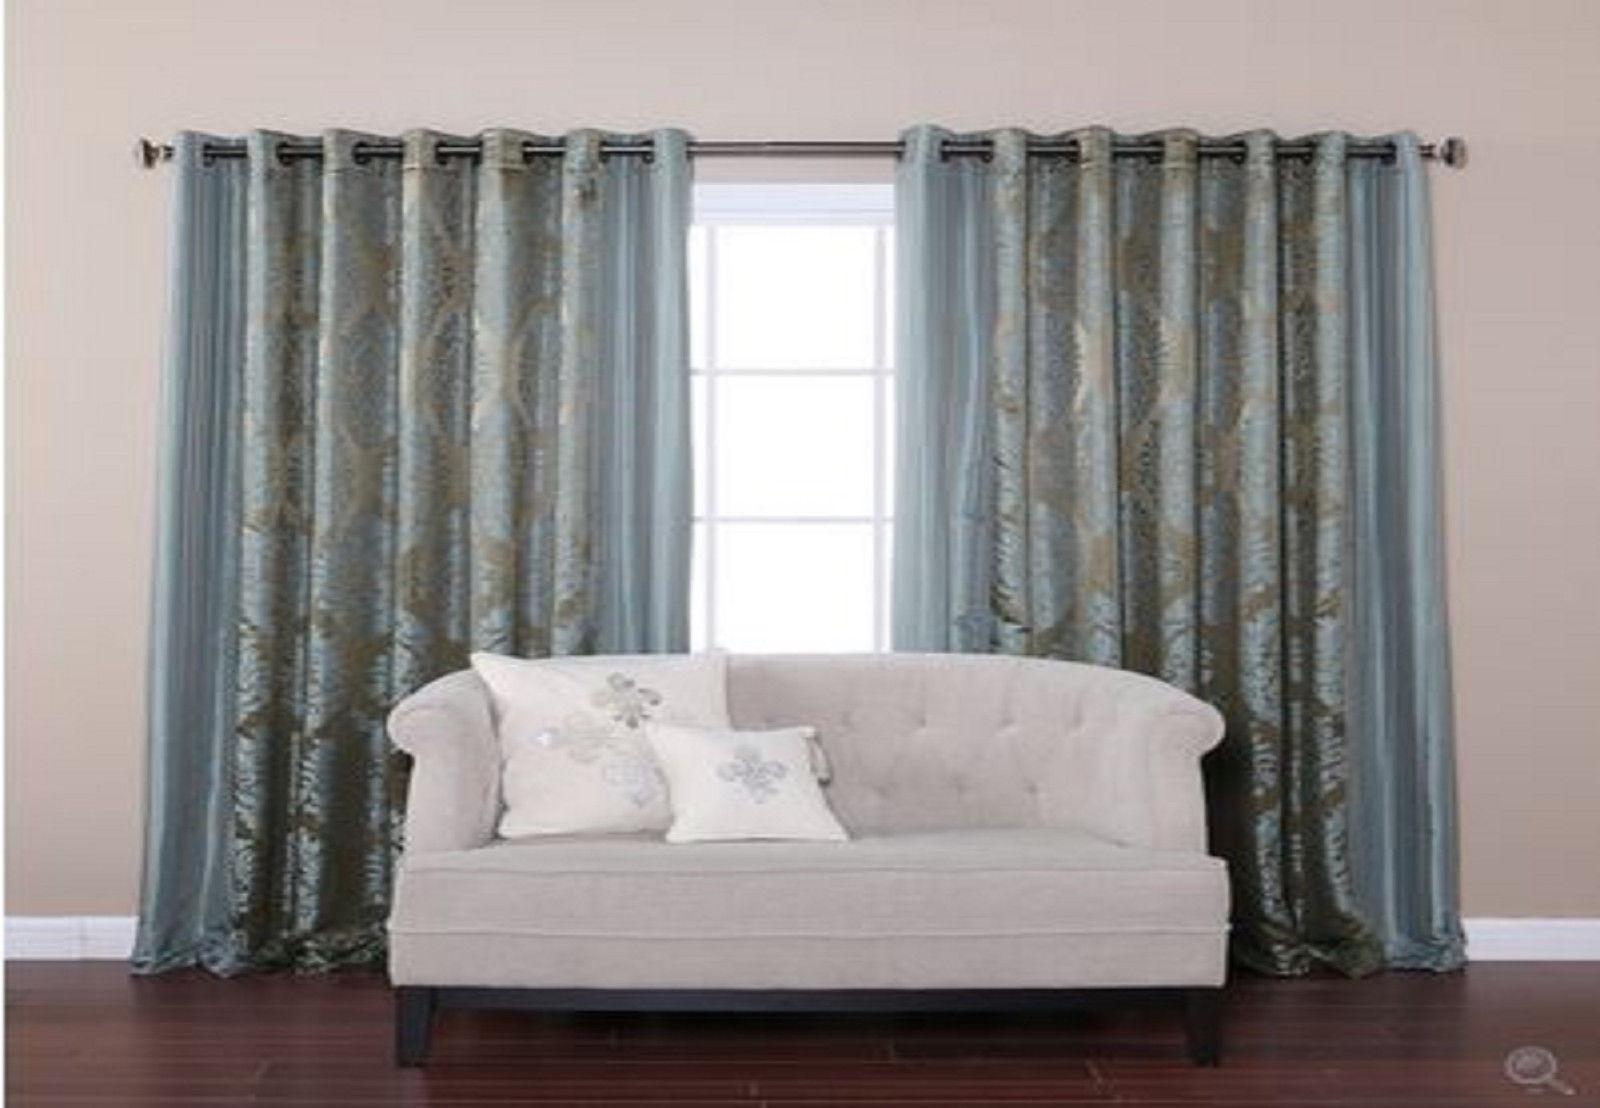 New Wide Width Bedroom Livingroom Grommet Window Treatment